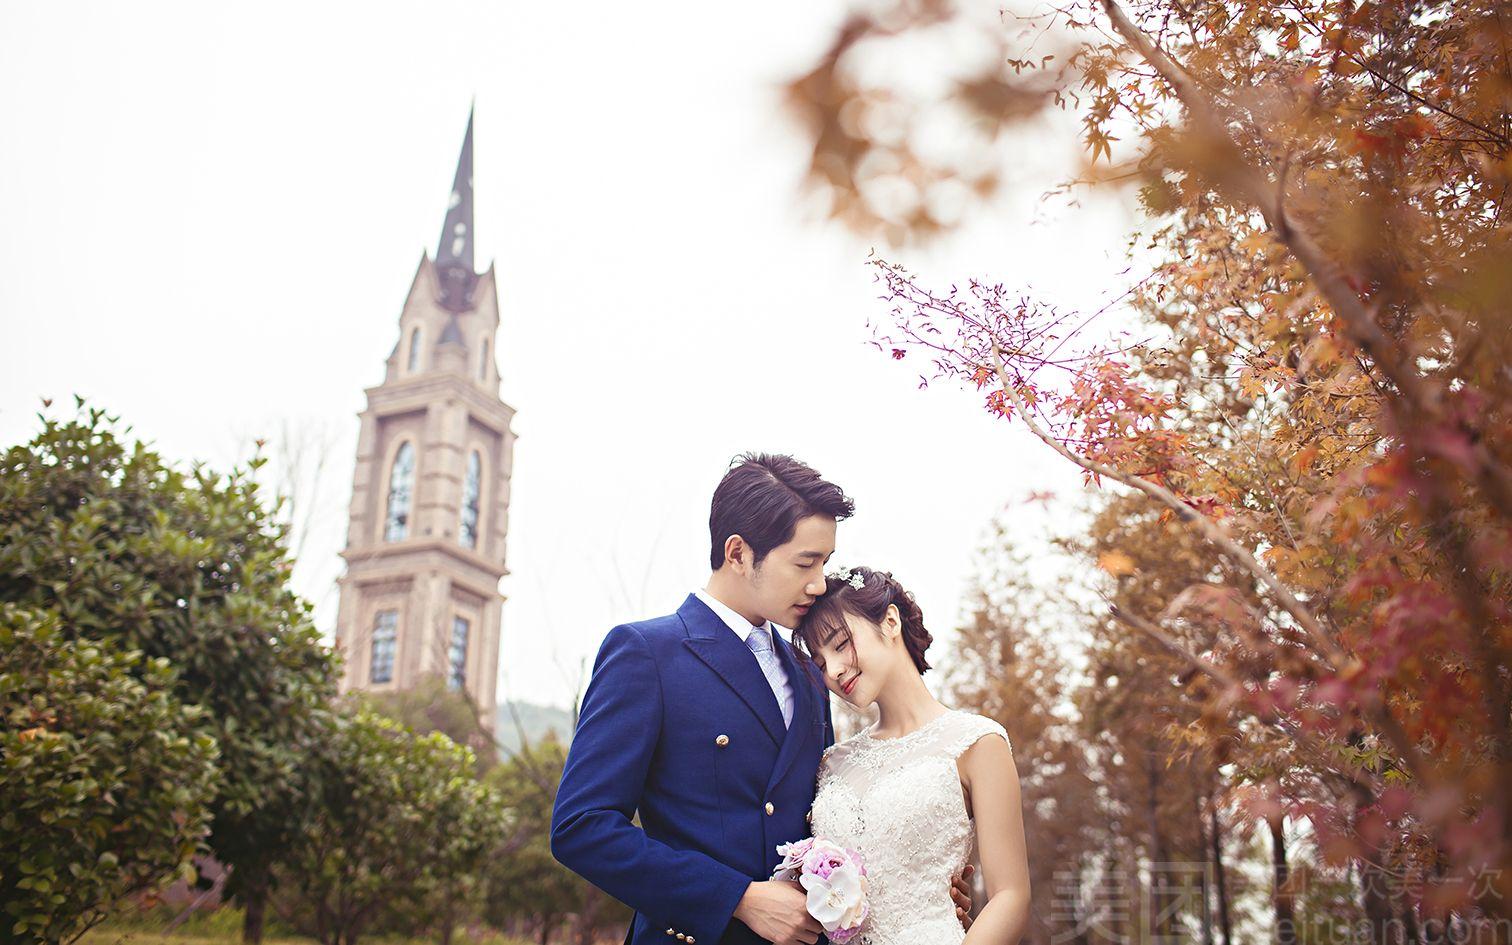 :长沙今日钱柜娱乐官网:【维纳斯婚纱摄影】限时特价档婚纱套餐